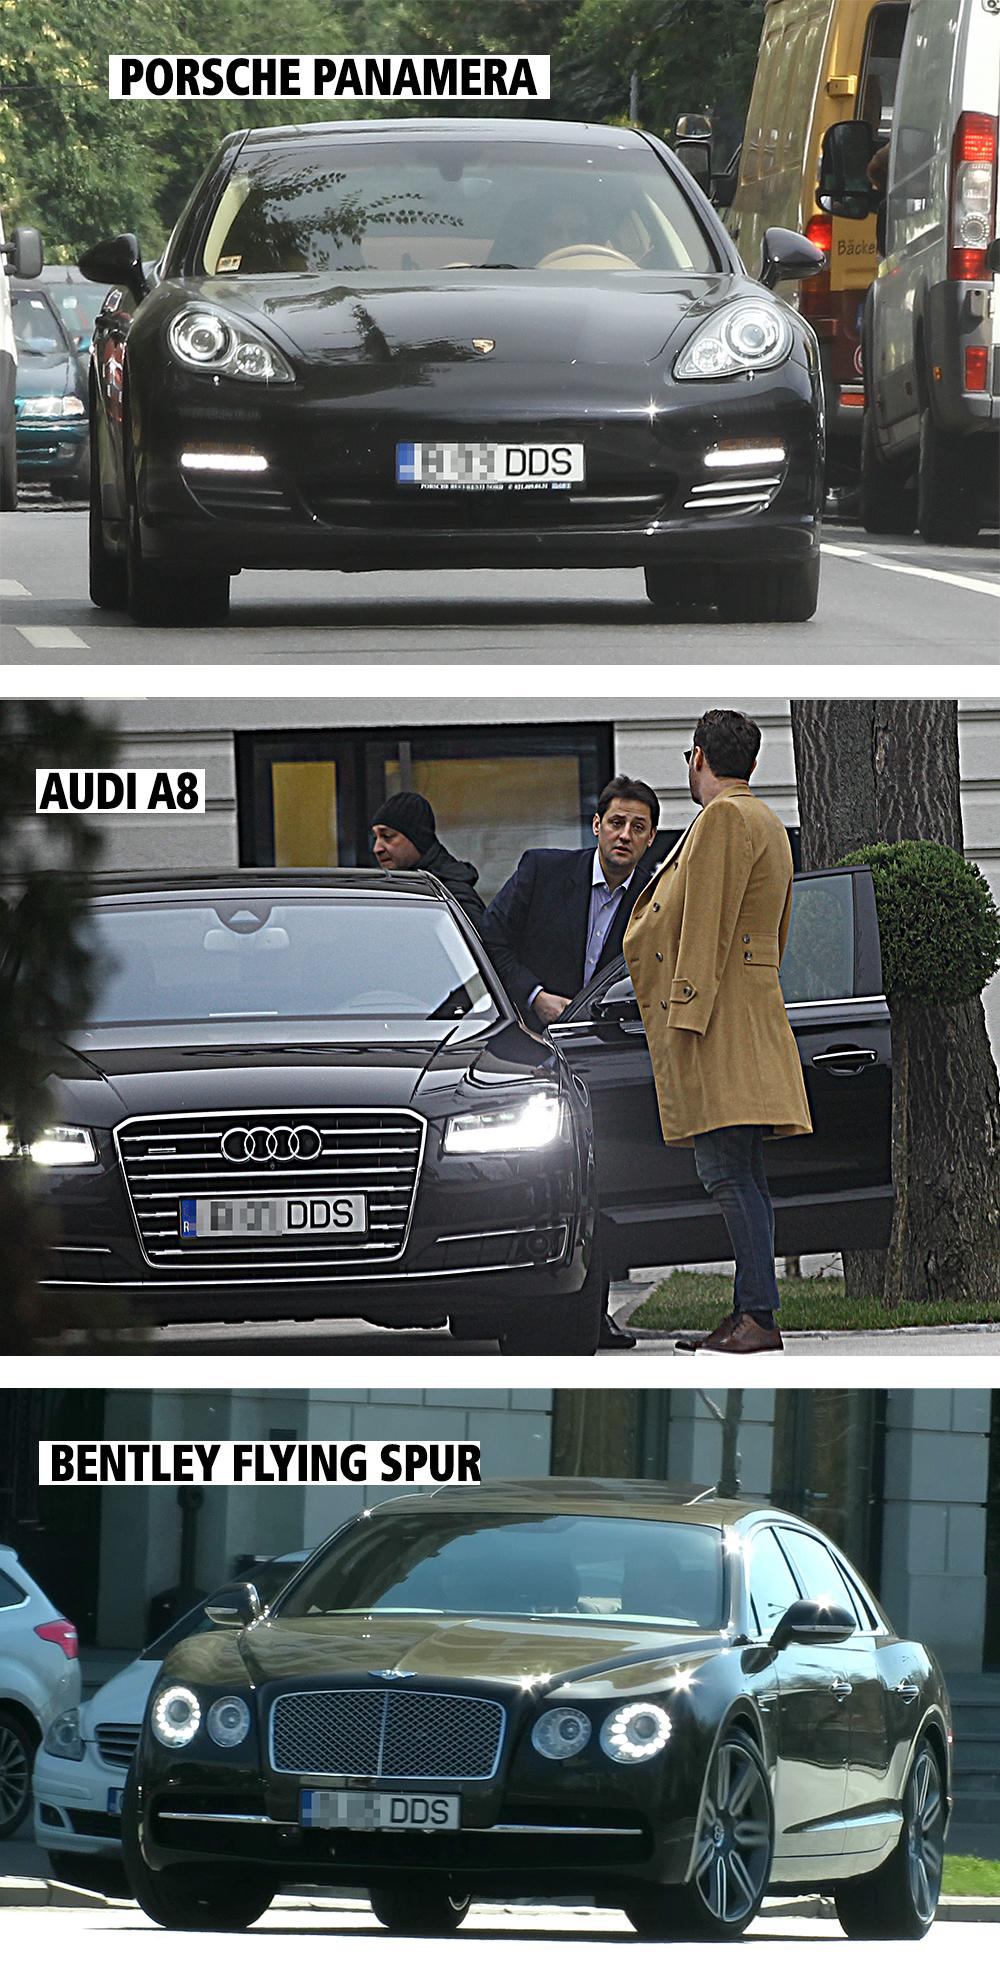 De-a lungul timpului, milionarul şi-a pus la numărele de înmatriculare ale maşinilor lui iniţialele DDS. Aşa se întâmplă şi acum, în cazul noului Bentley